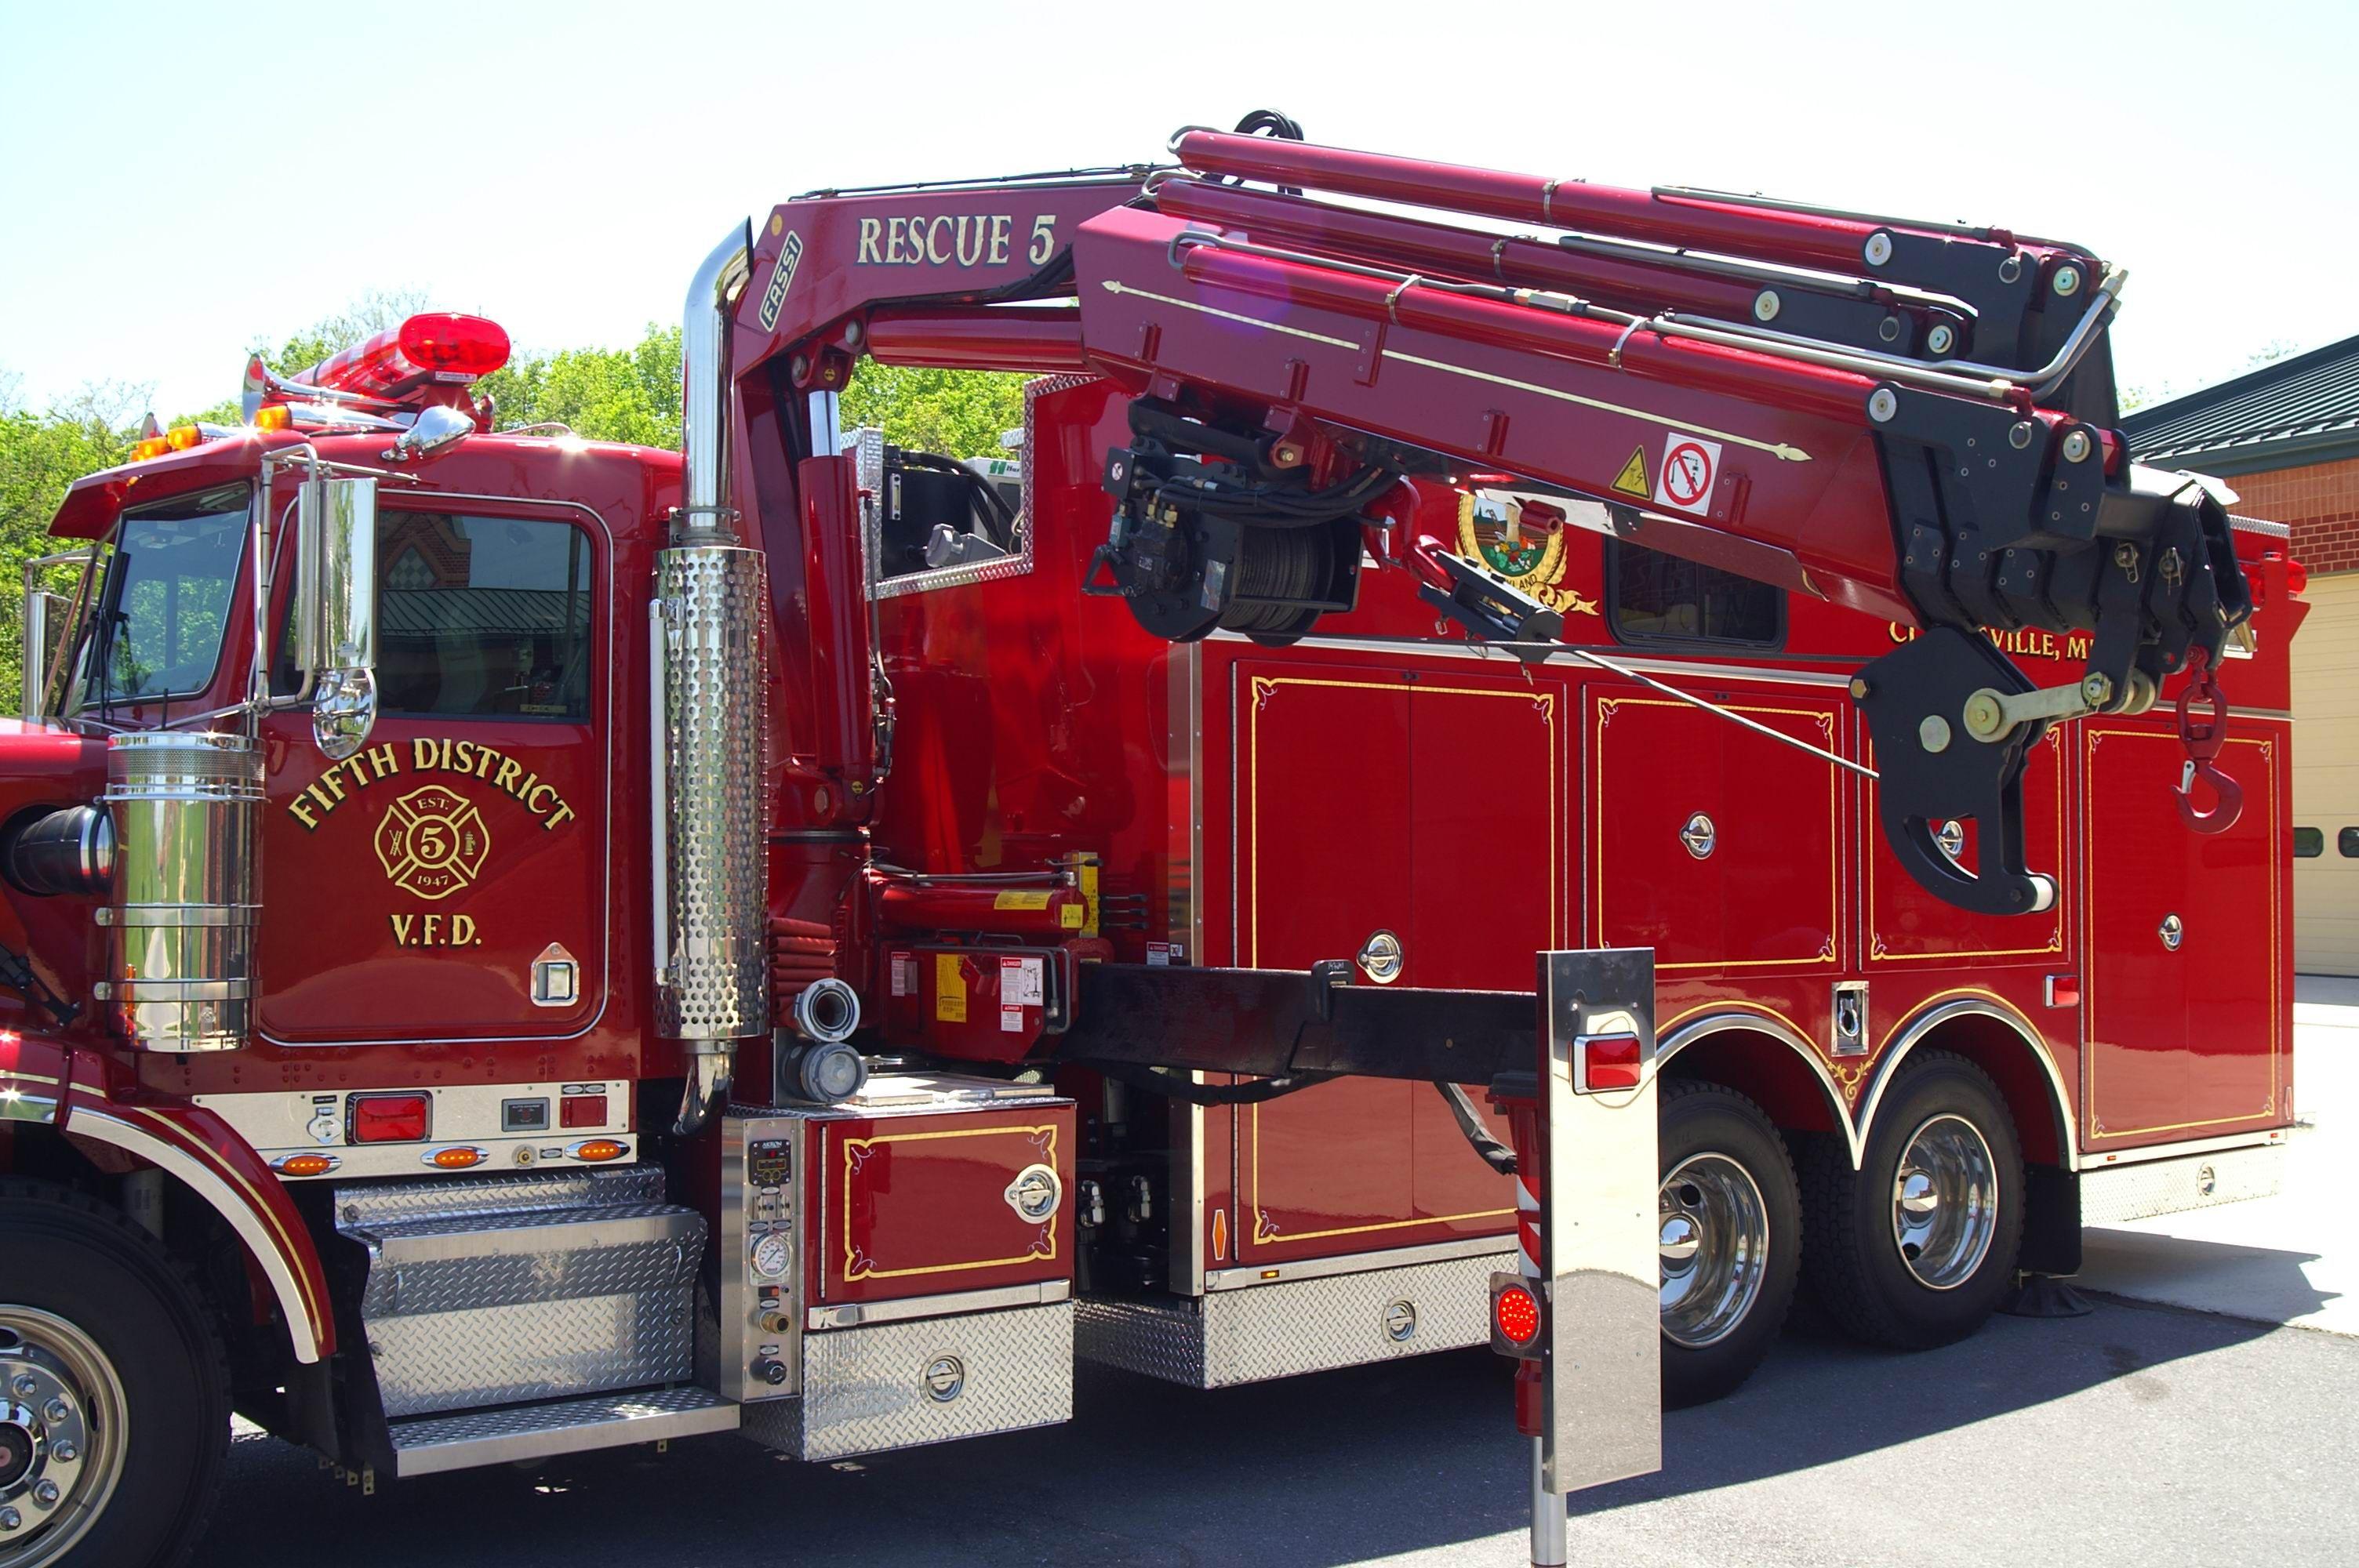 Fire engine image by Alfredo on Fire trucks Fire trucks